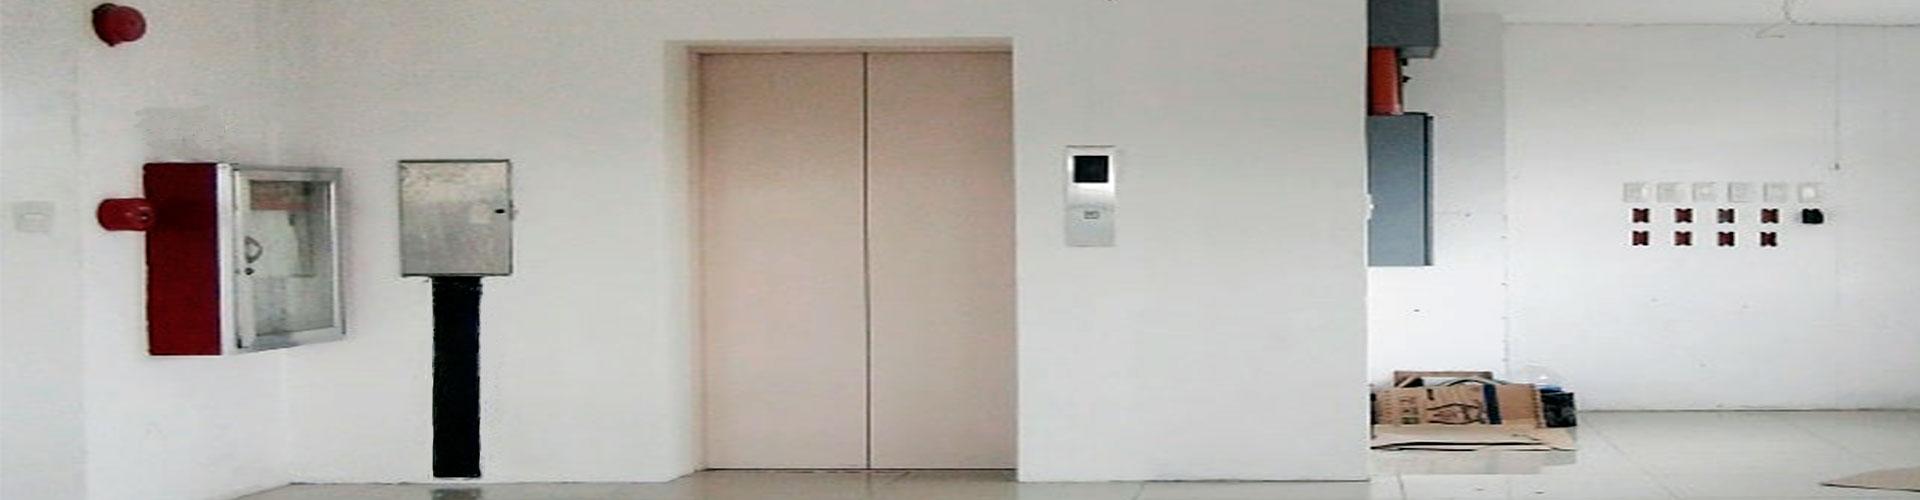 instalación de ascensores en edificios antiguos